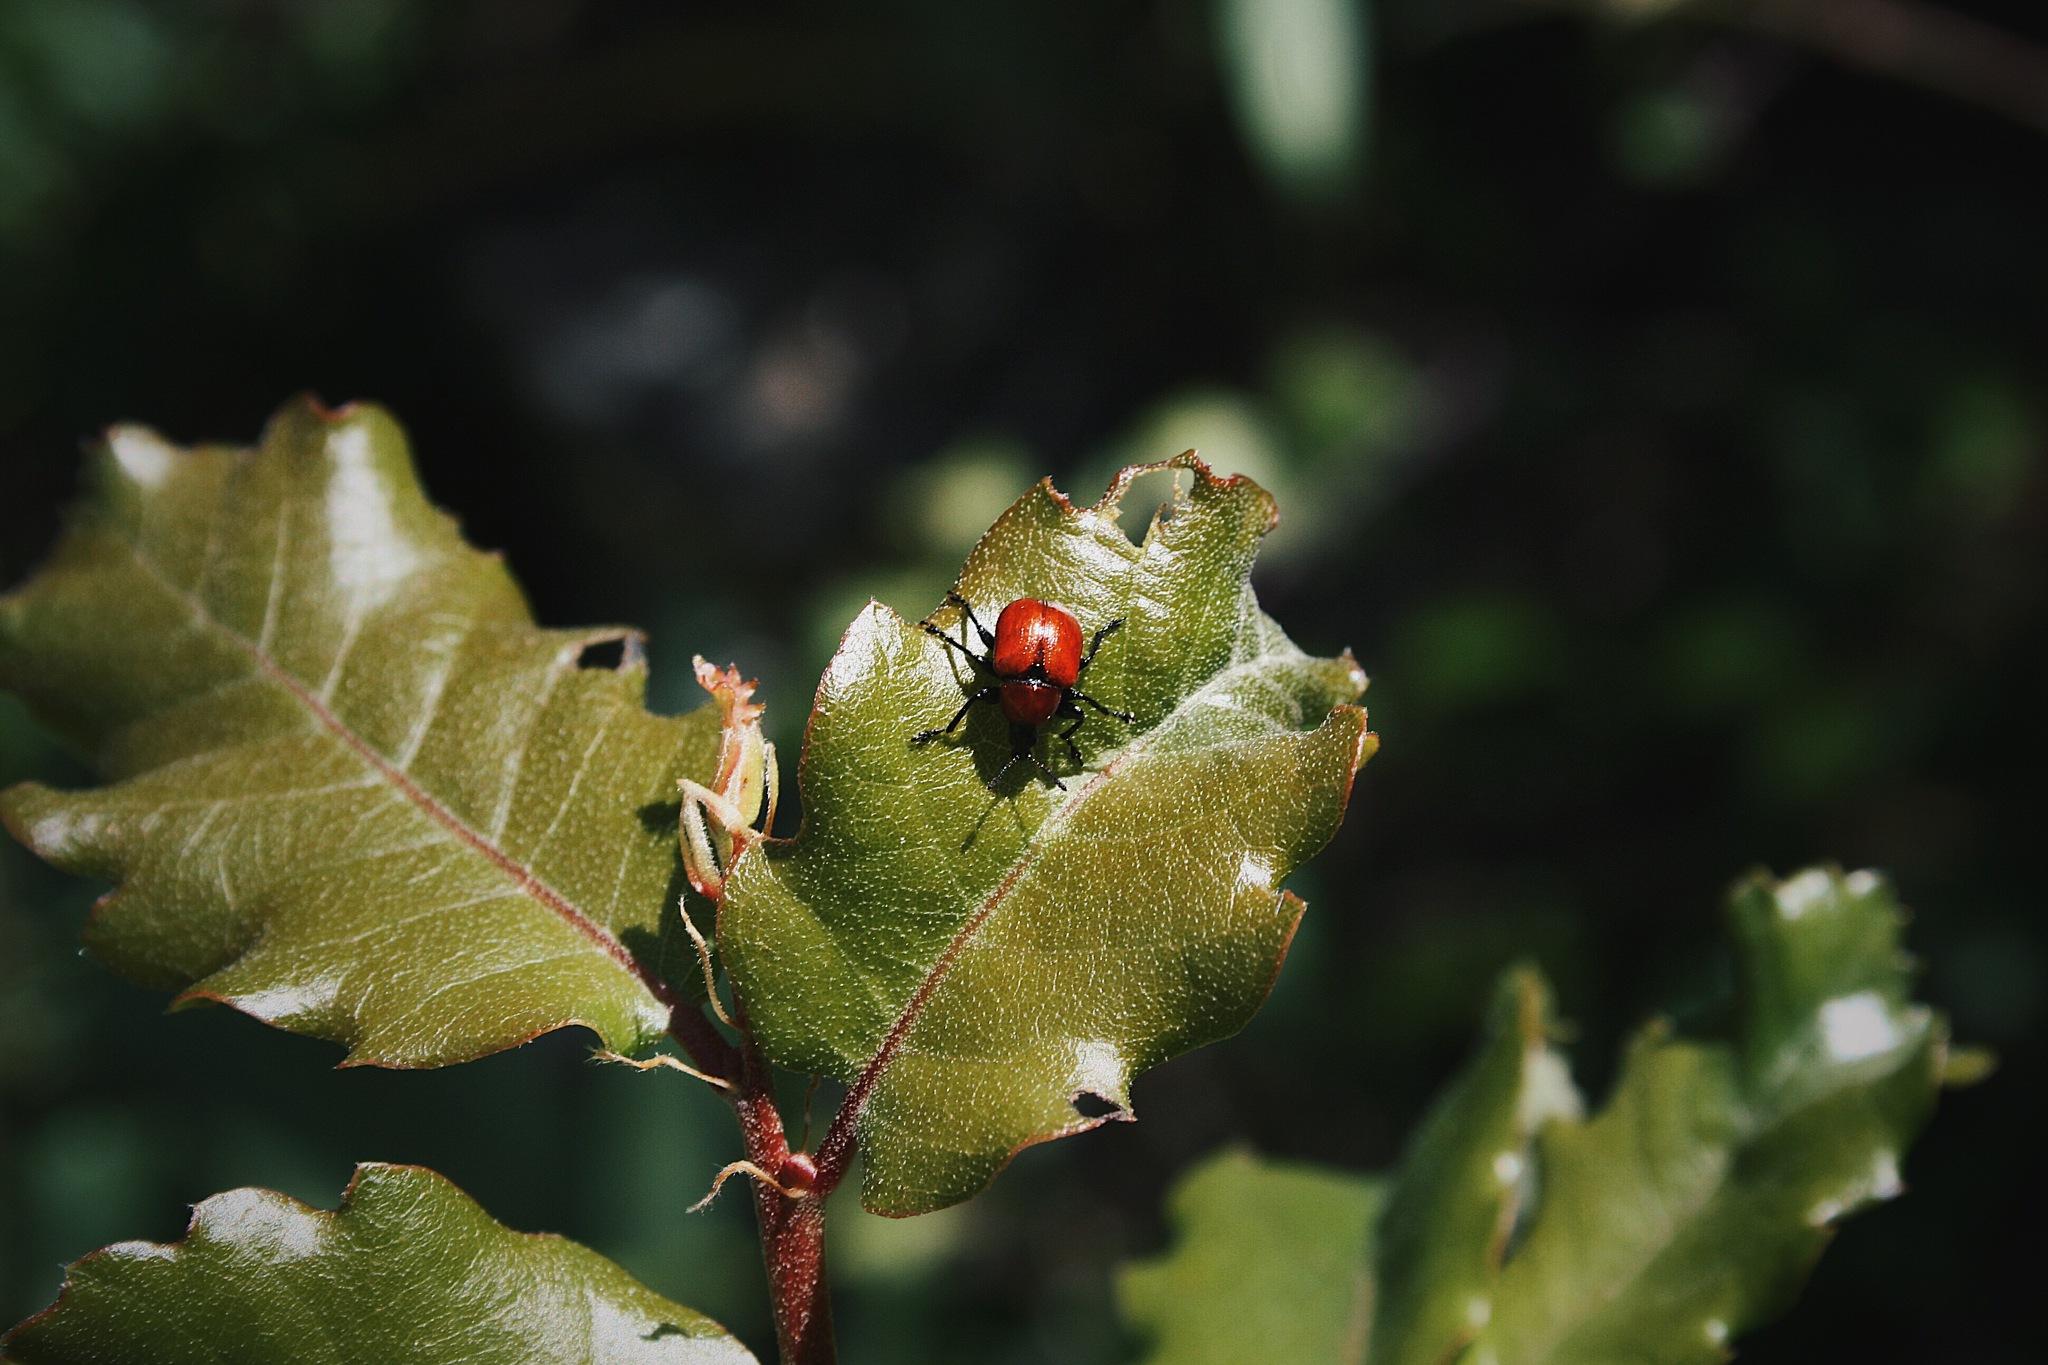 Red Bug by Itziar Álvarez Jimenez